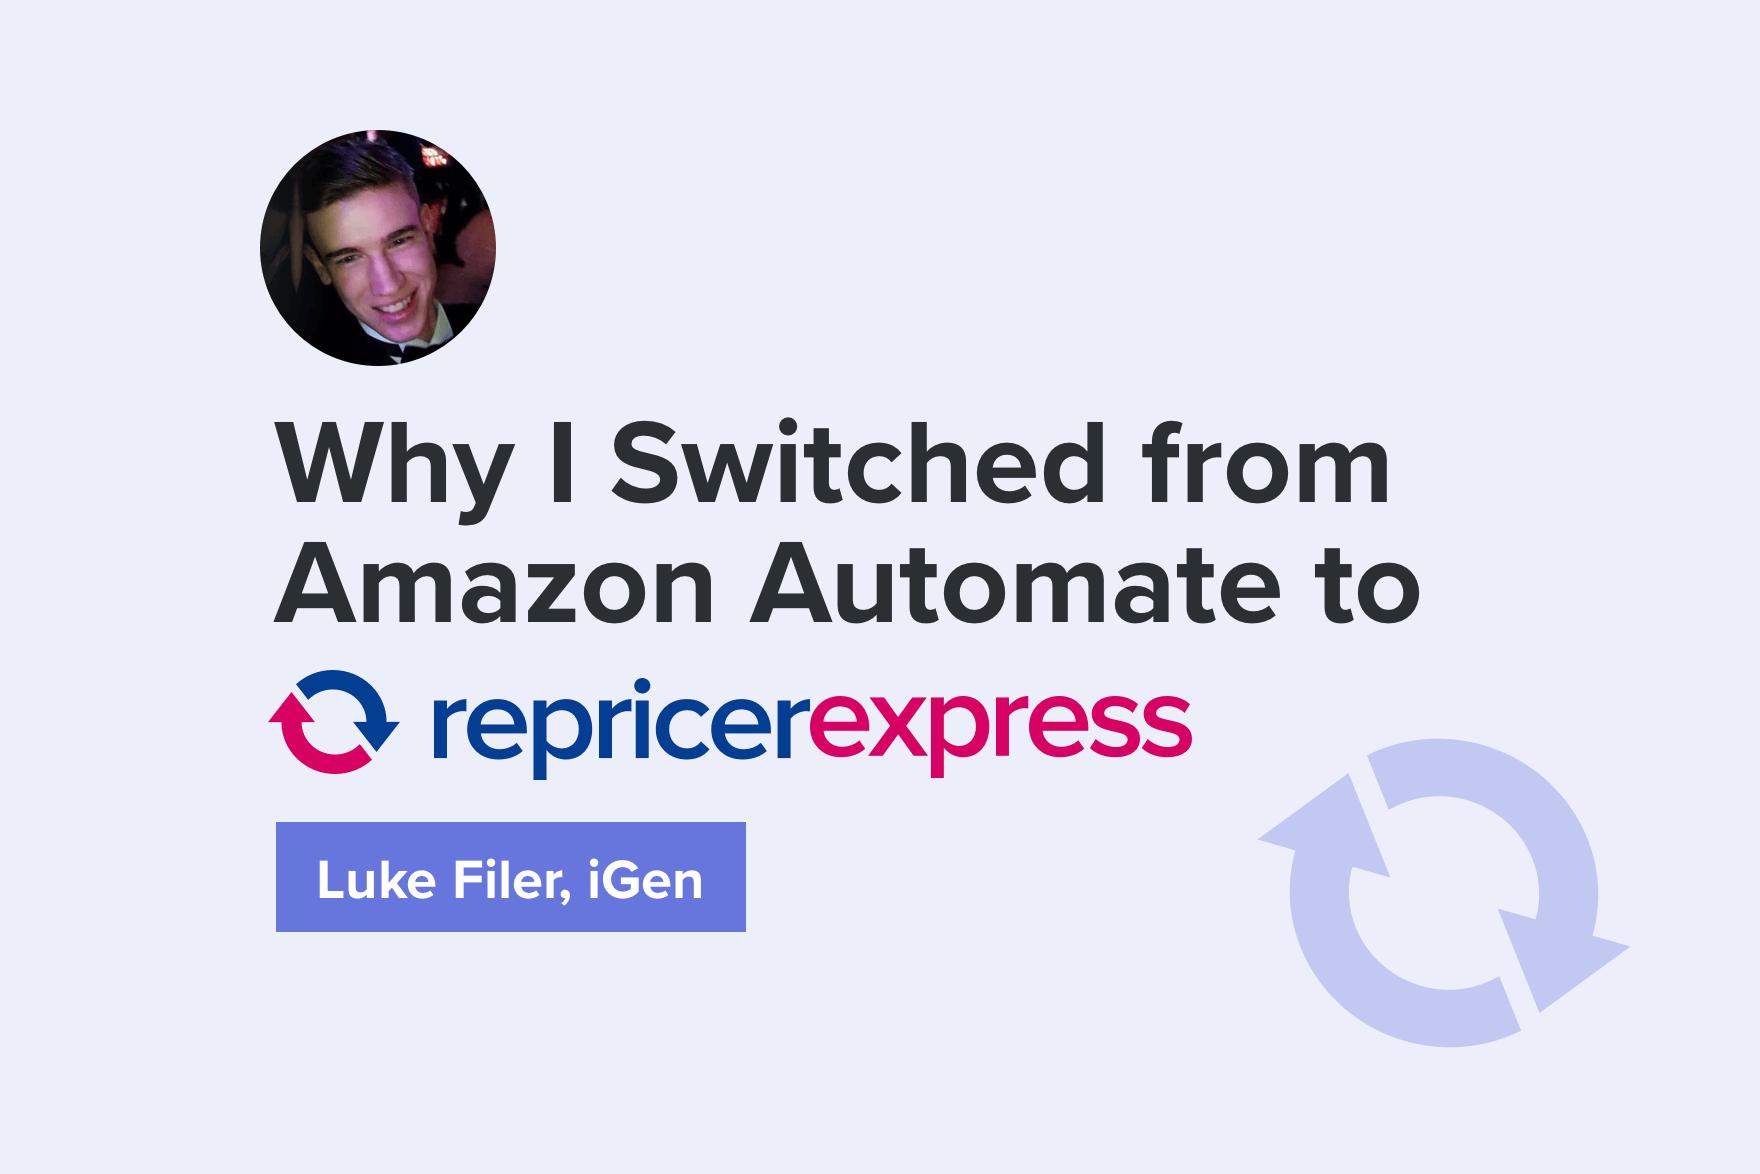 Luke File RepricerExpress